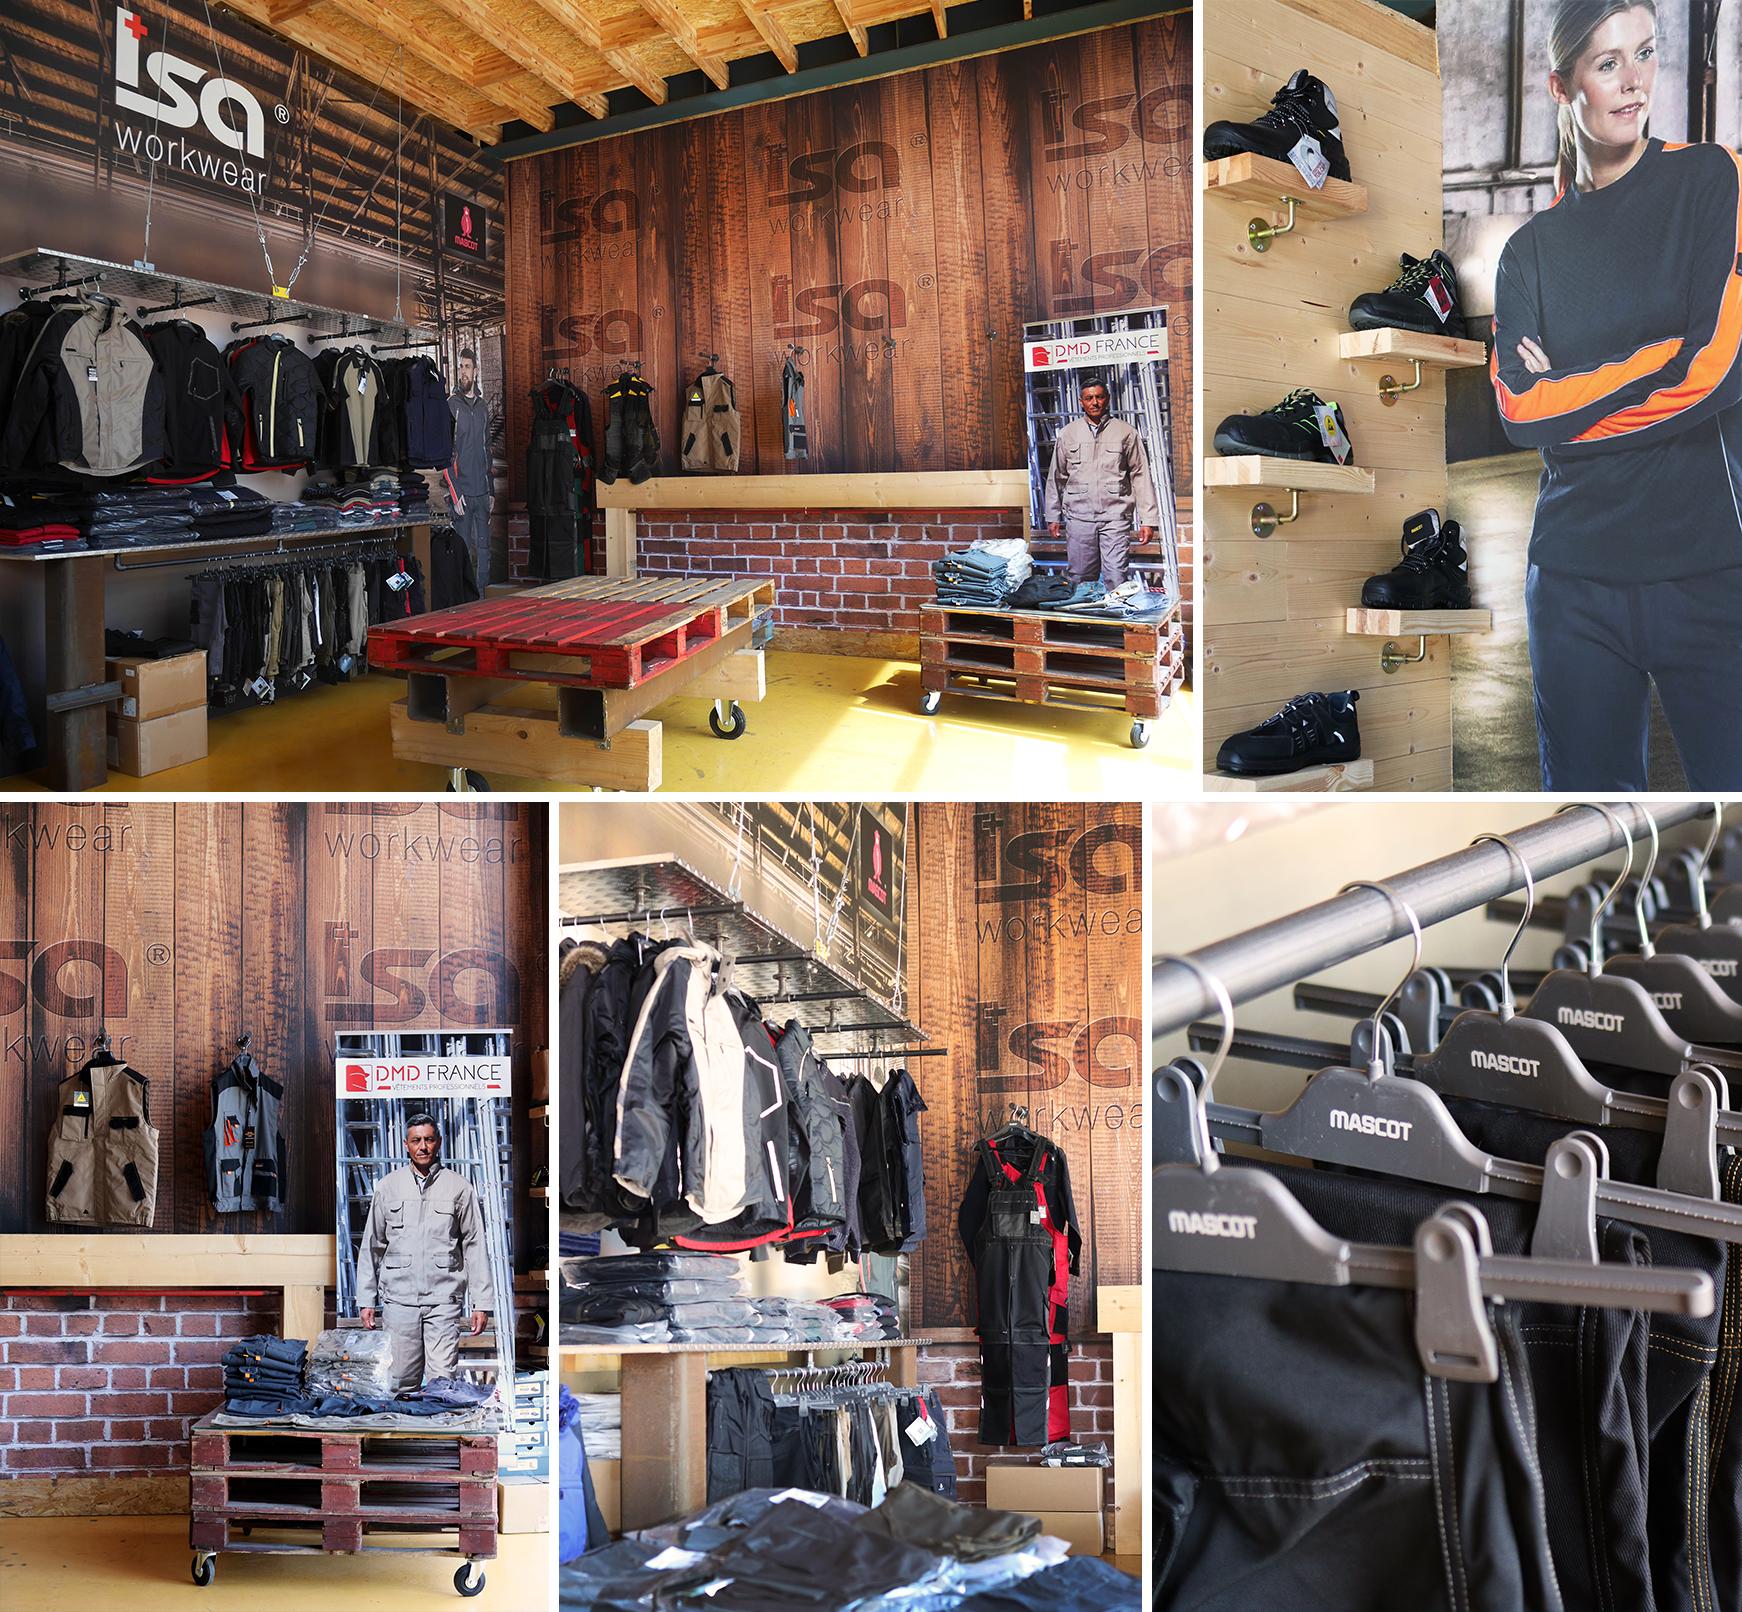 ISA WORKWEAR magasin de vêtements professionnels vente direct